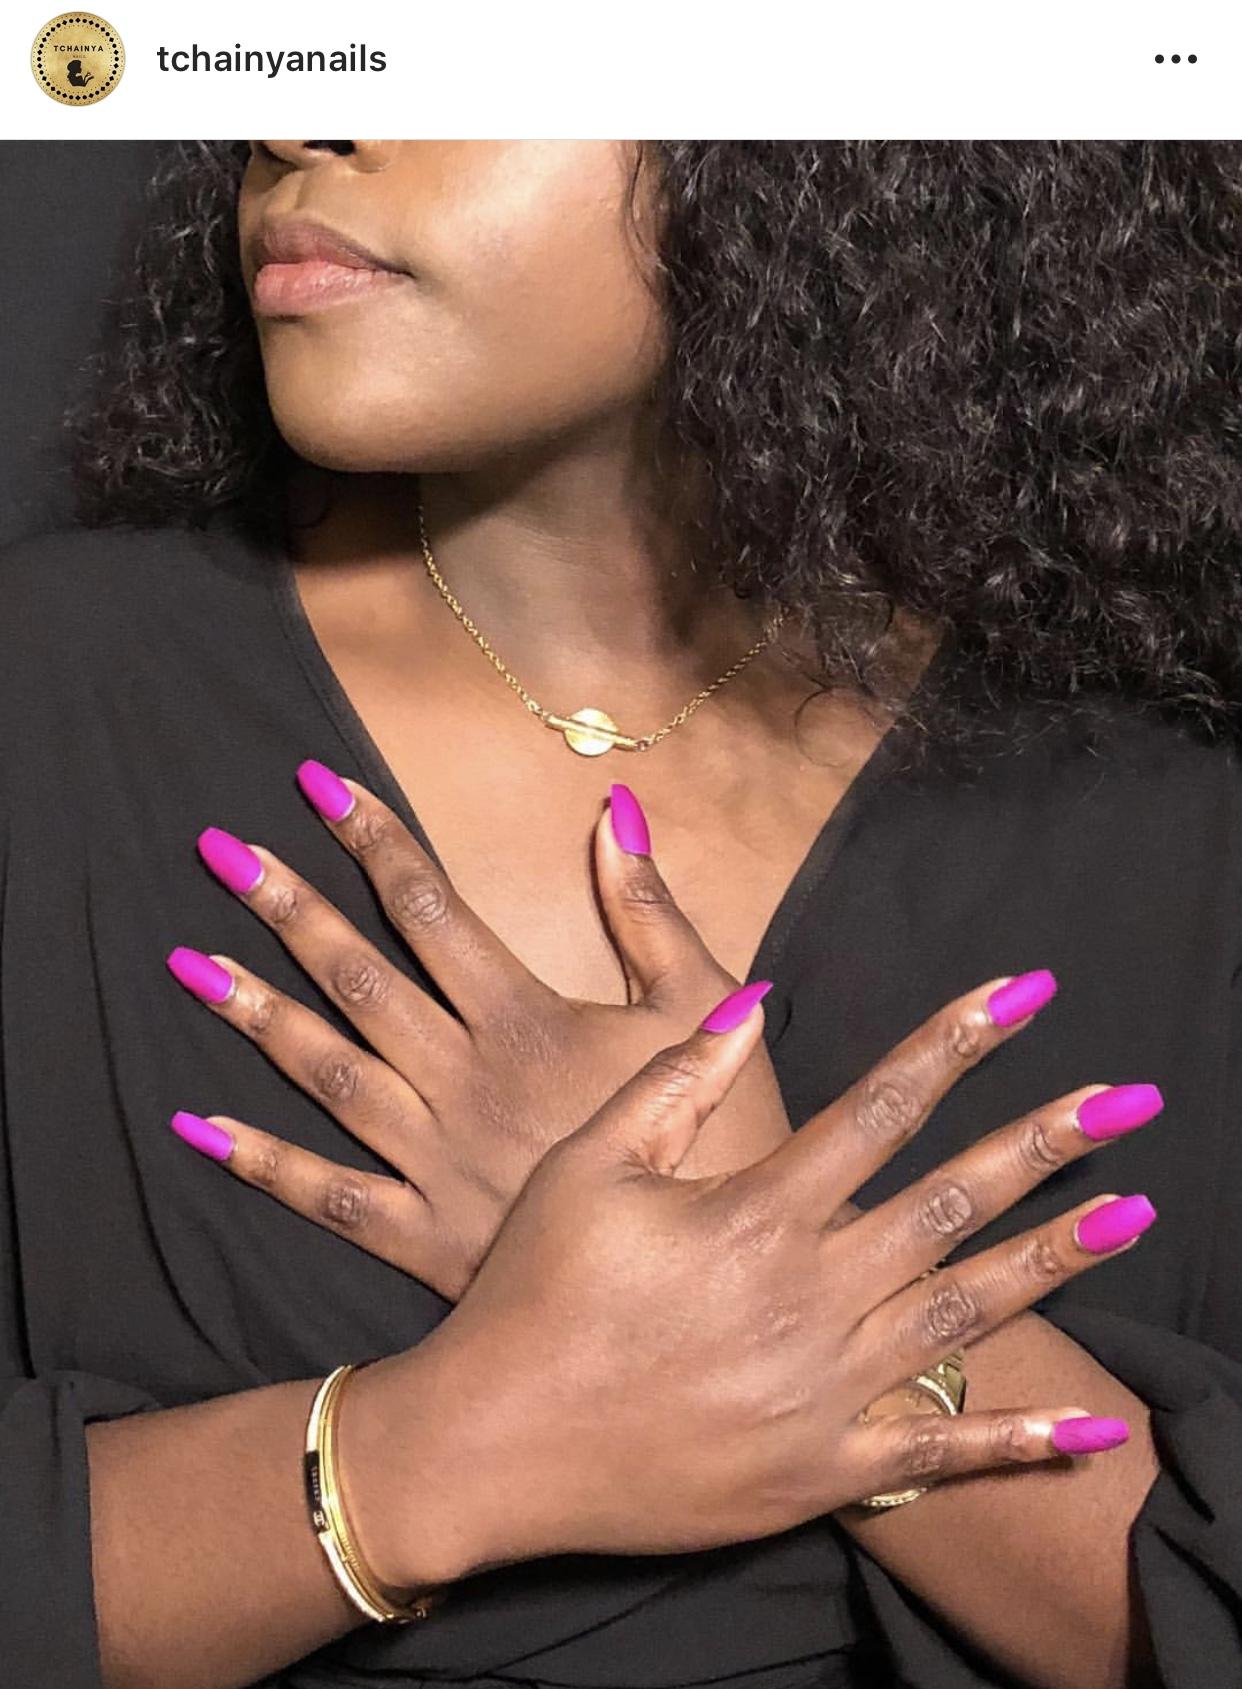 """Nails By @Tchainyanails on instagram ❤  le modèle porte la chaine """"TIYI"""" en acier inoxydable, swarovskis et poids baoulés de la collection Précieuse!"""